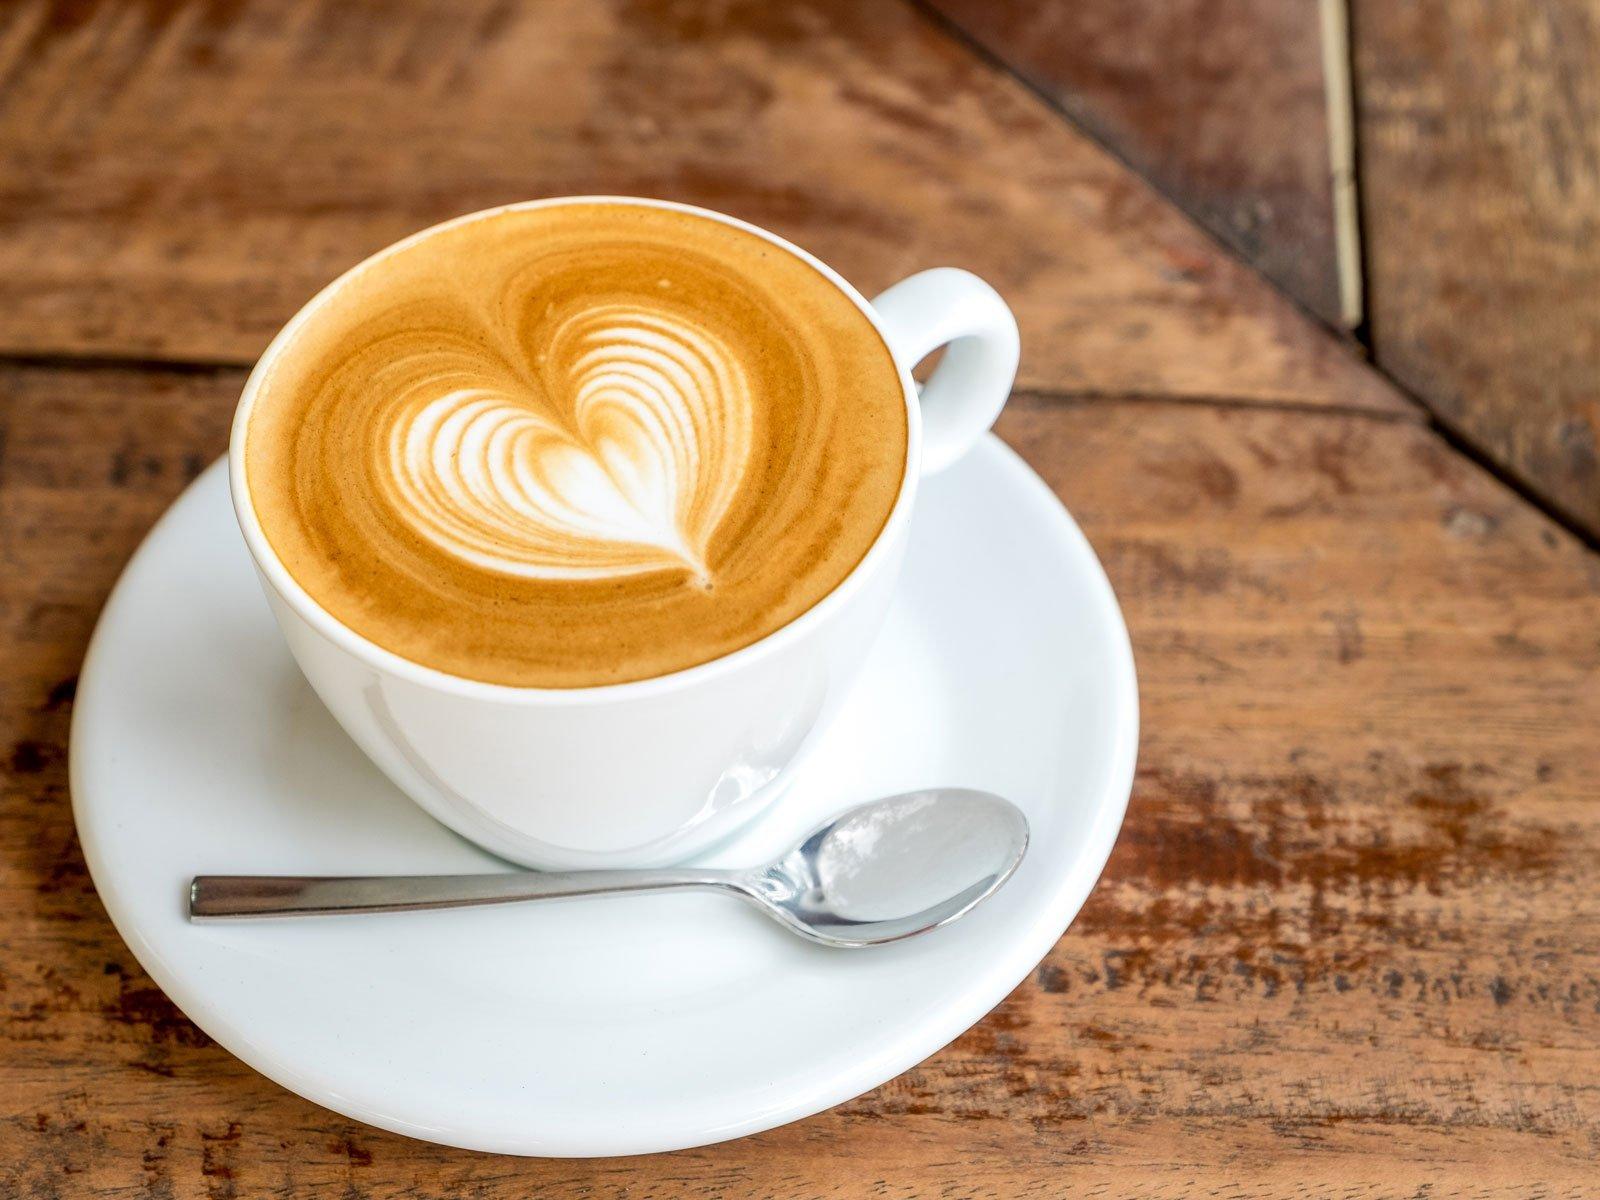 قهوه عملکرد ورزشی را بهبود میدهد؟ کارشناسان پاسخ میدهند